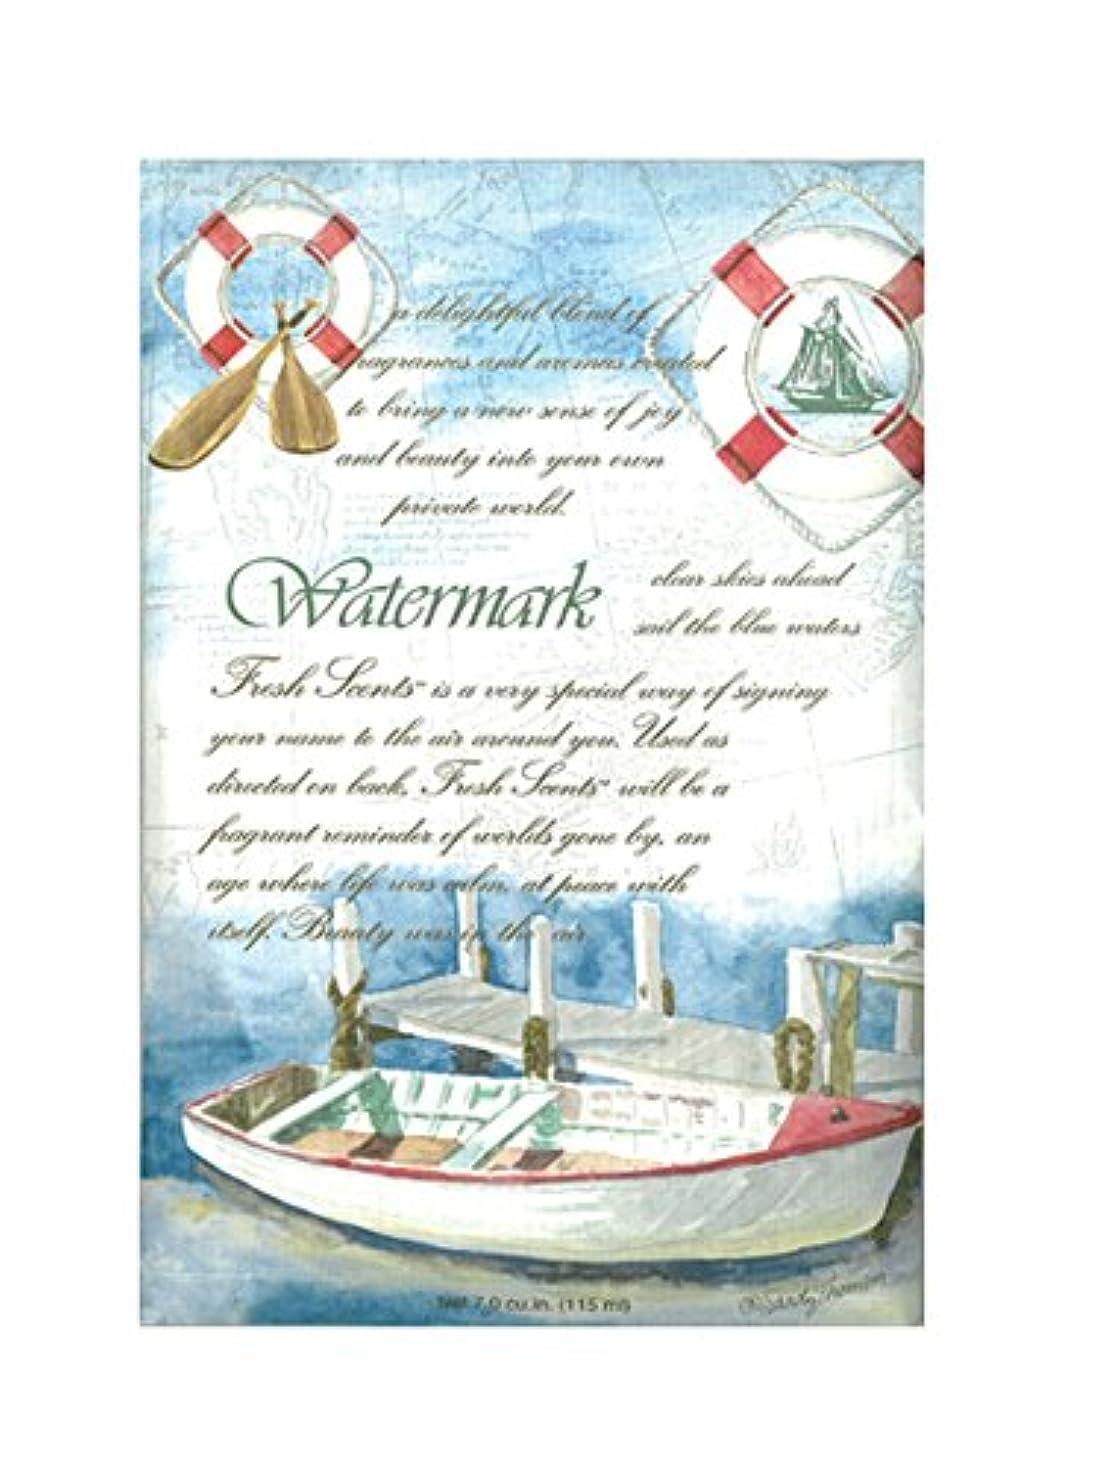 タービン再び再現するウィローブルック(WILLOWBROOK) フレッシュセンツL ウォーターマーク